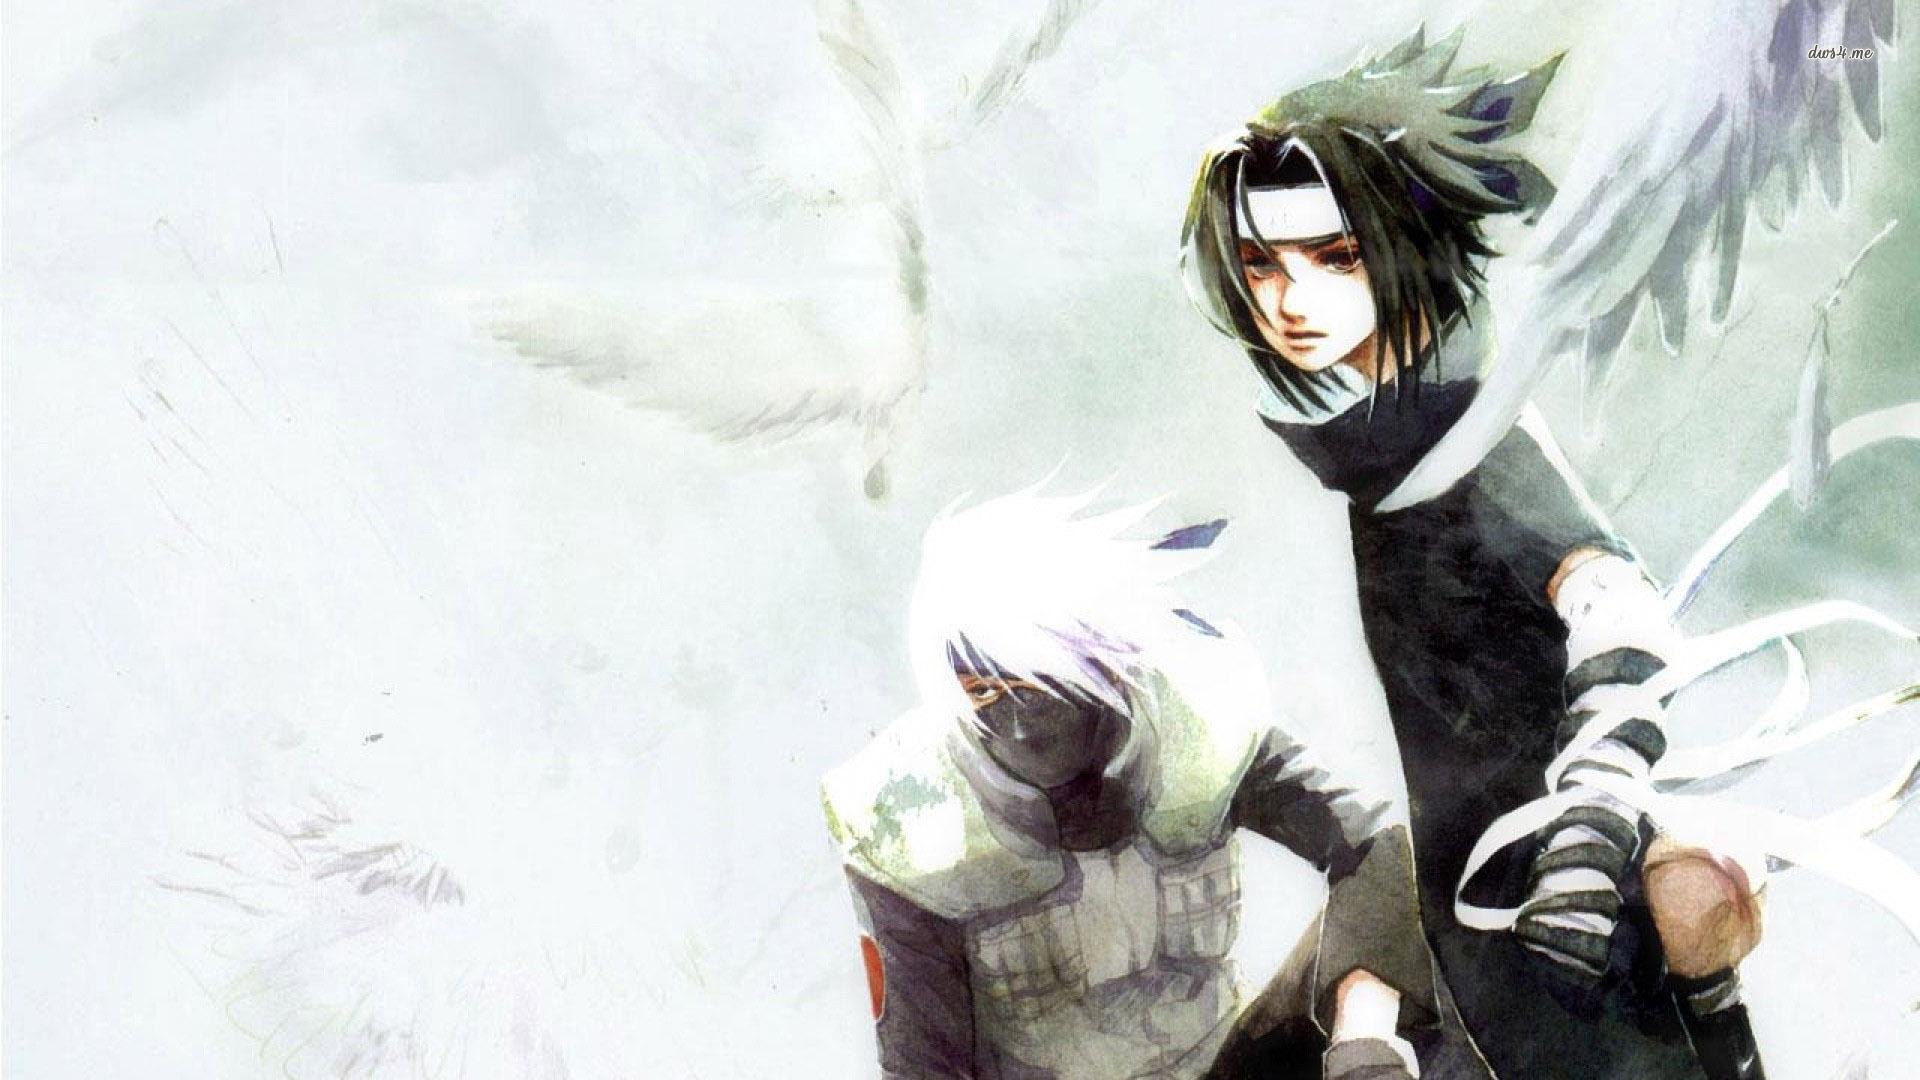 Naruto Uzumaki | Wiki Naruto | FANDOM powered by Wikia